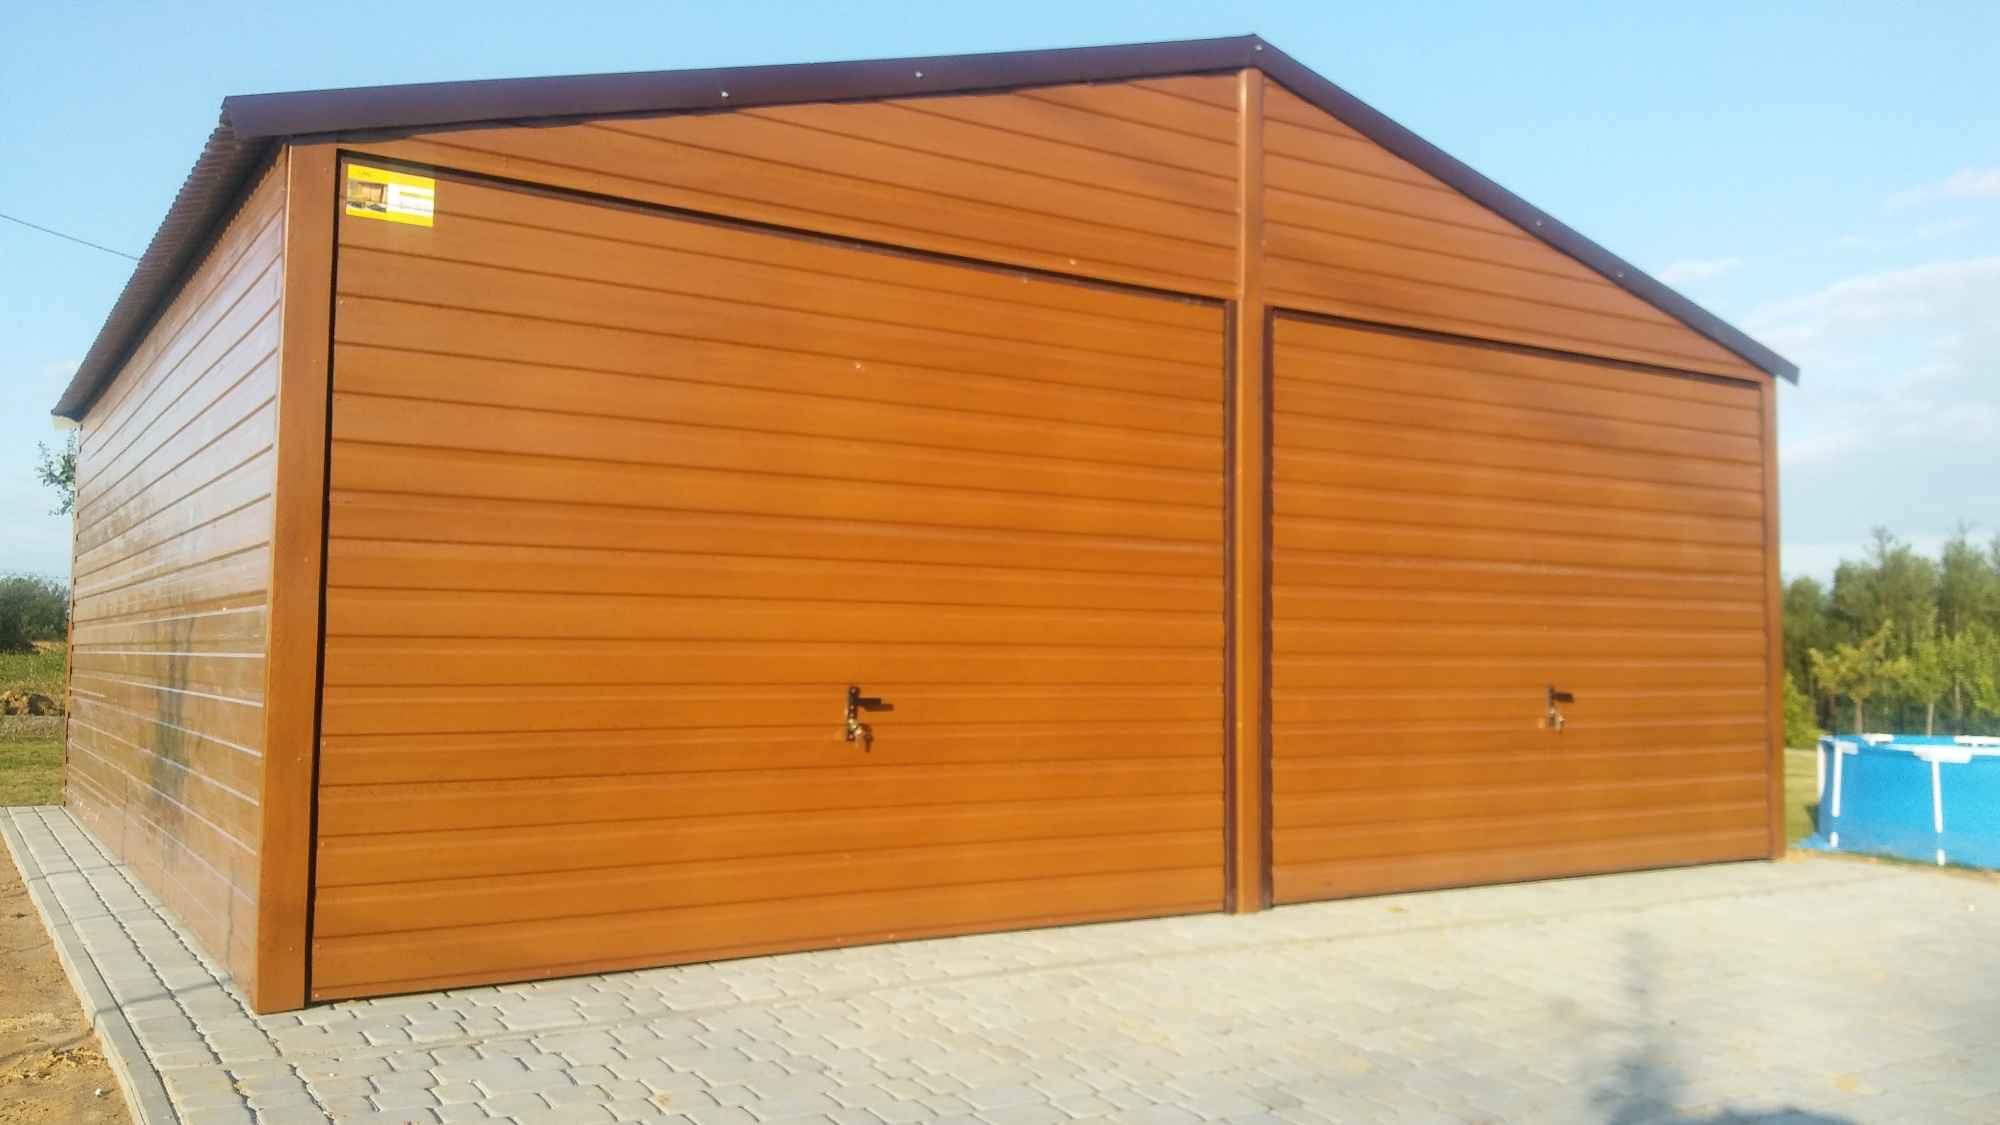 Garaże blaszane, blaszaki, schowki budowlane, kojce,wiaty, hale. Szczecin - zdjęcie 11